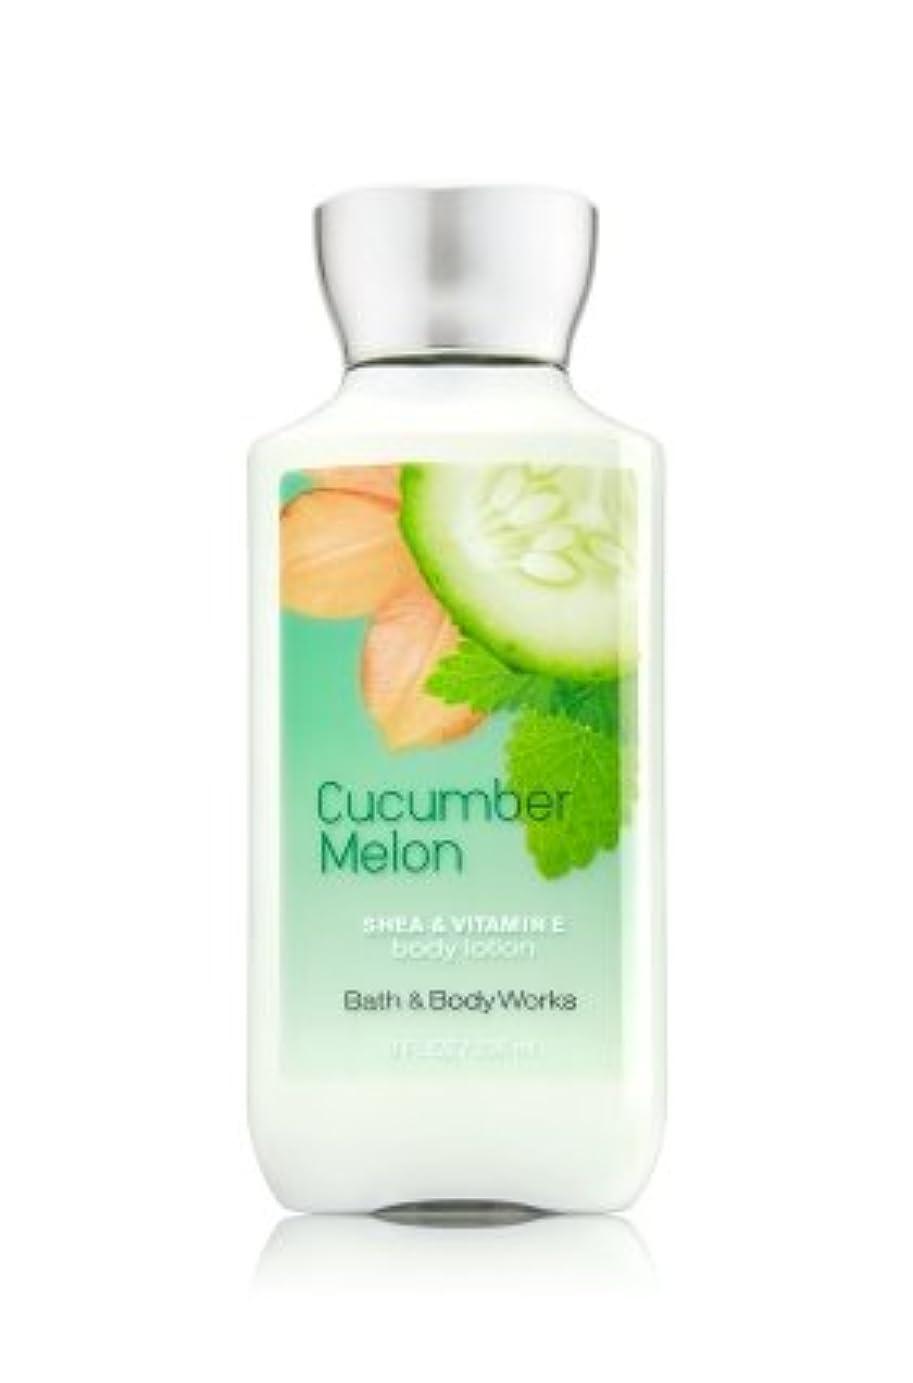 応じる前述の登場【Bath&Body Works/バス&ボディワークス】 ボディローション キューカンバーメロン Body Lotion Cucumber Melon 8 fl oz / 236 mL [並行輸入品]